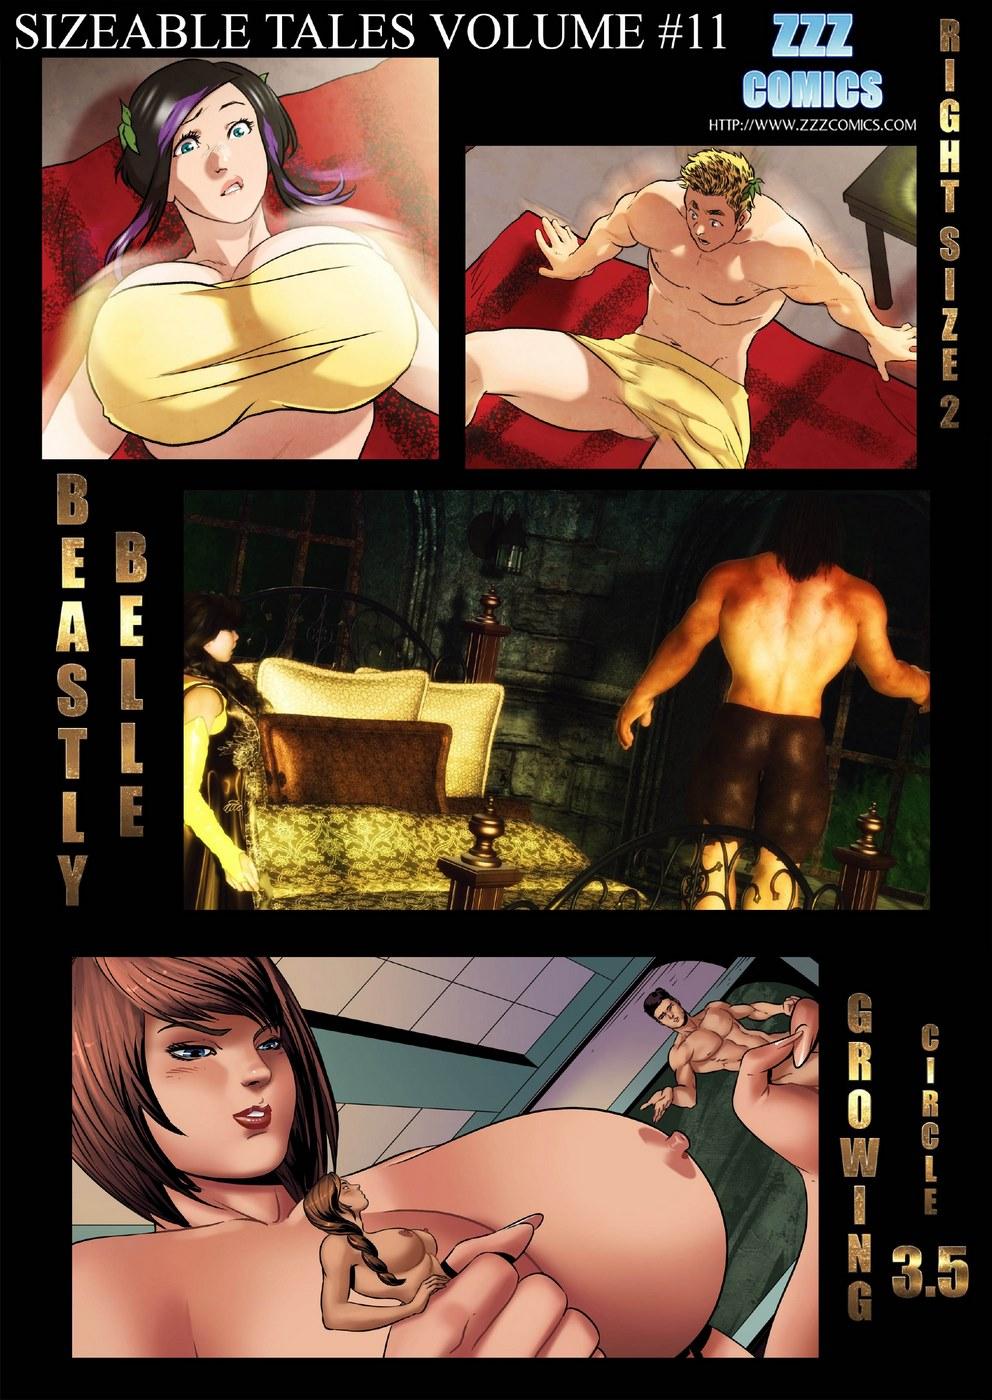 ZZZ- Sizeable Tales 11 CE porn comics 8 muses